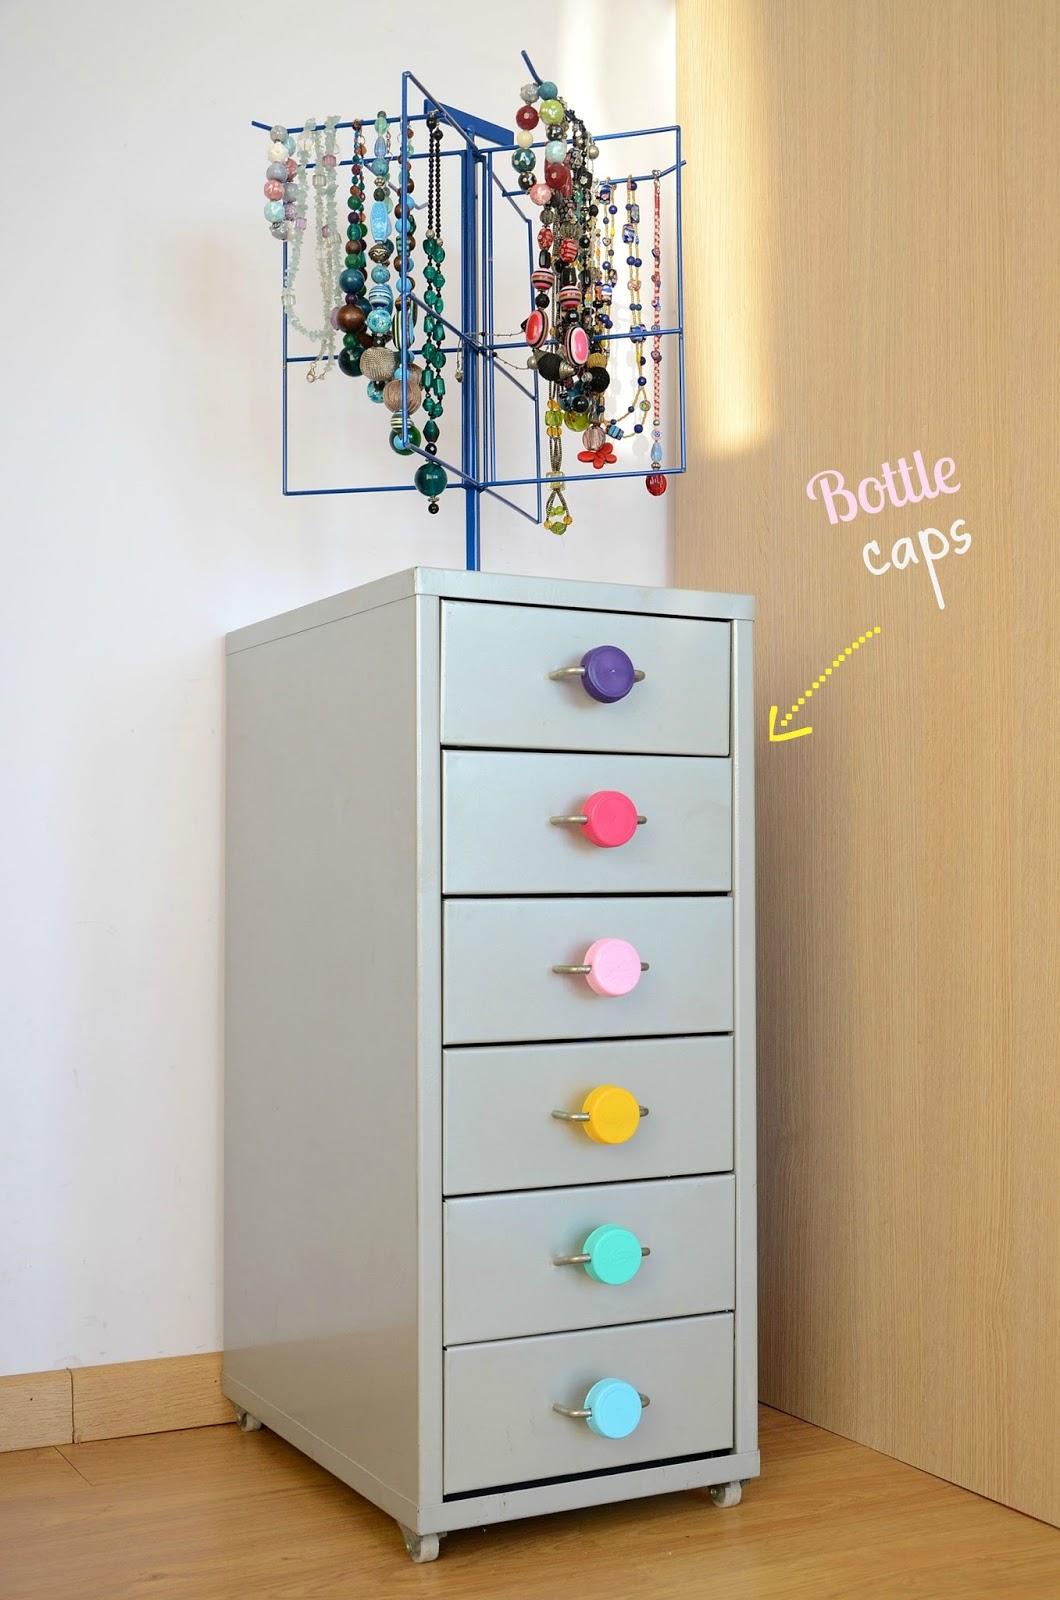 Linfa creativa diy come personalizzare la cassettiera - Fasciatoio cassettiera ikea ...